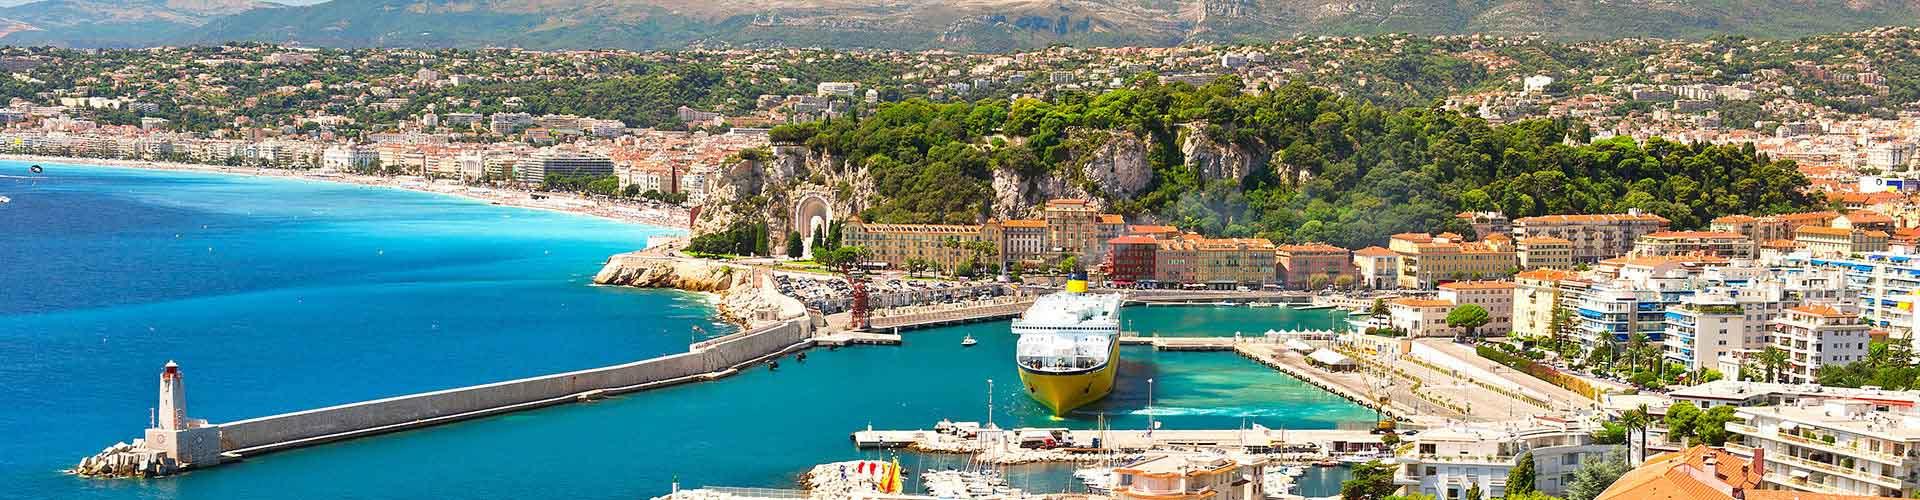 Nizza – Ostelli nella Old Town zona. Mappe per Nizza, Foto e Recensioni per ogni ostello a Nizza.